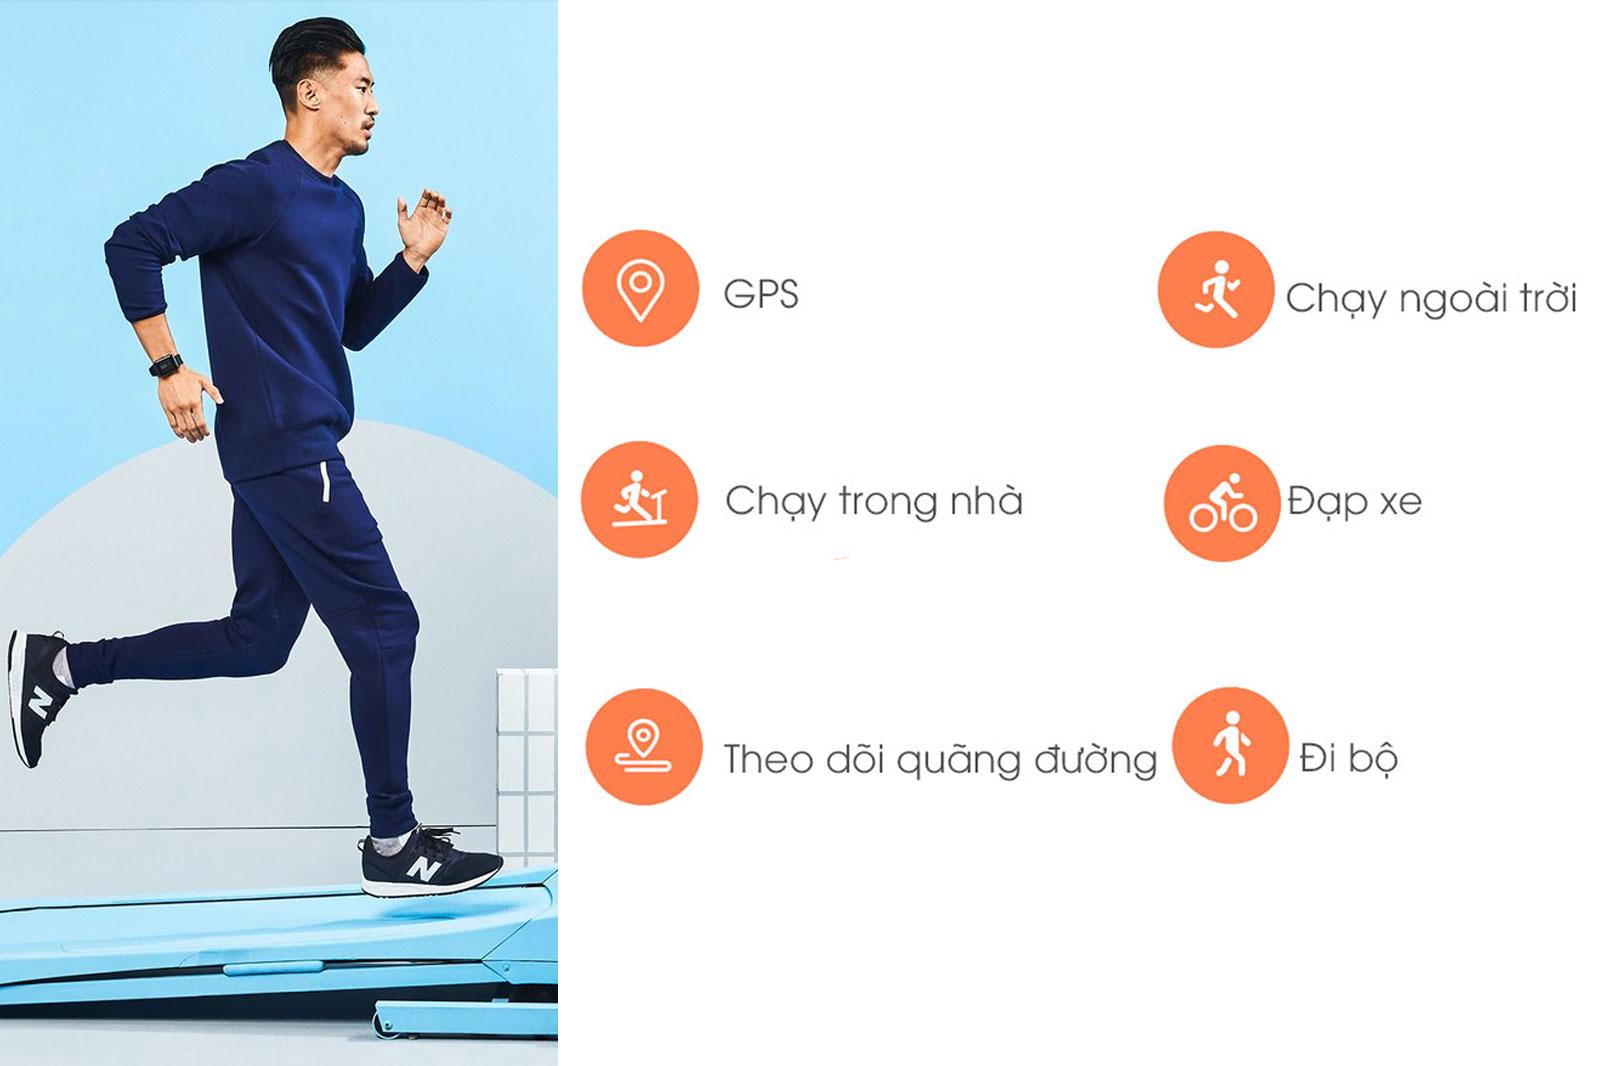 dong-ho-thong-minh-xiaomi-7